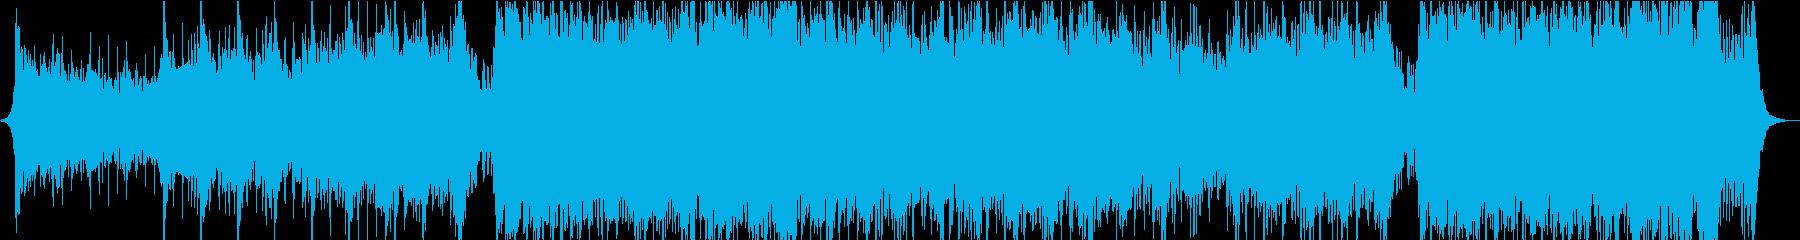 重圧な感じのシネマティックオーケストラの再生済みの波形